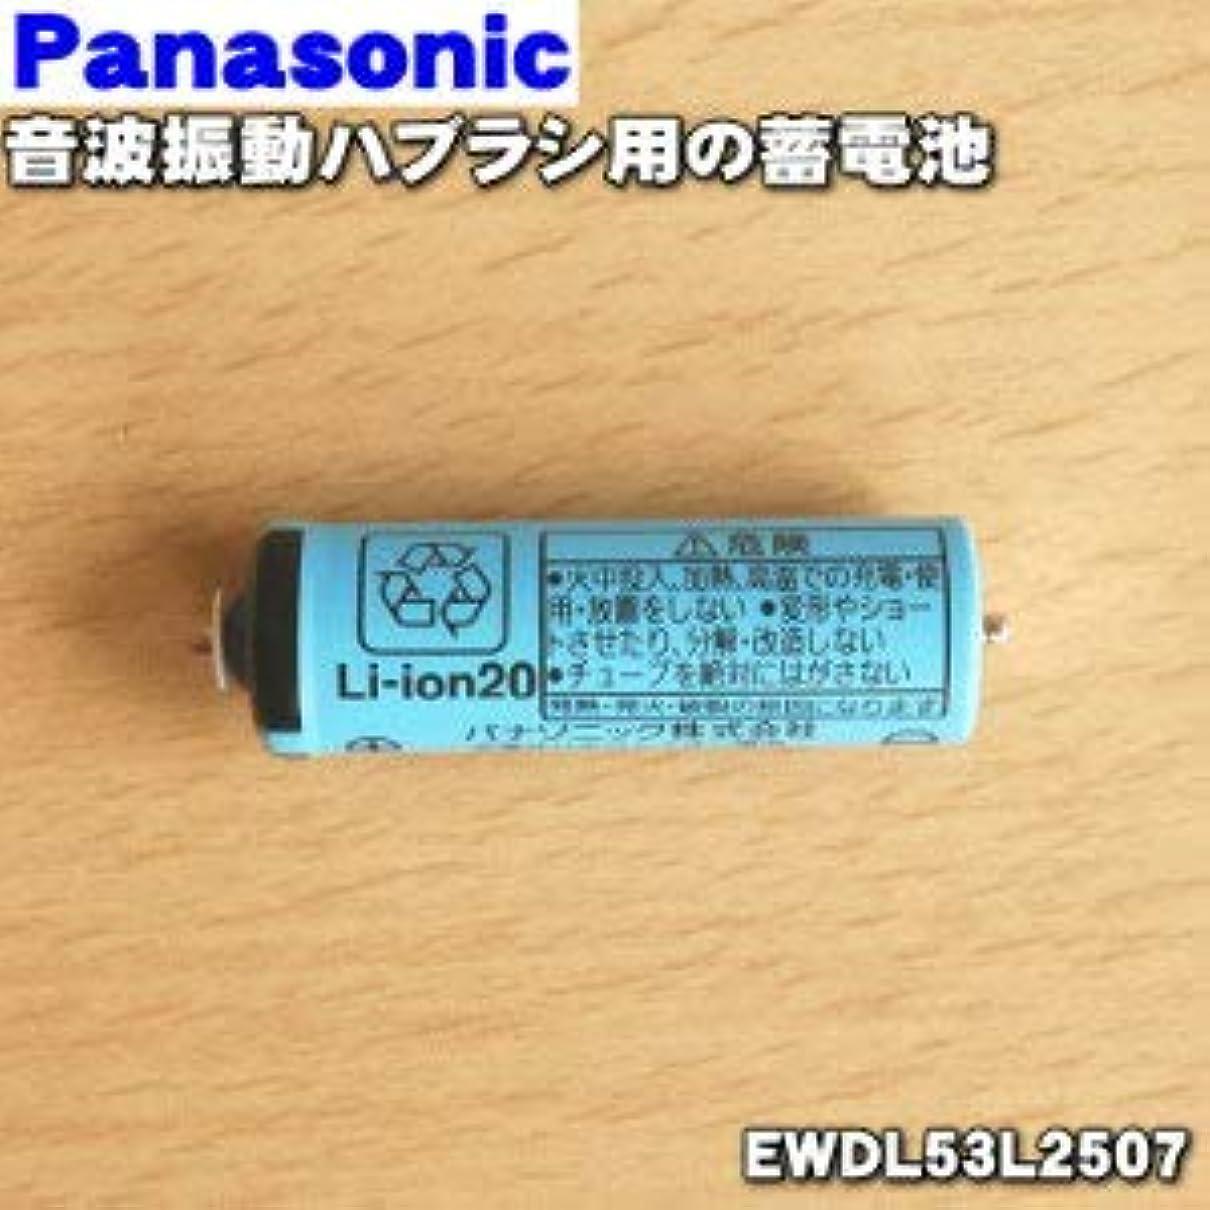 ブラインド無限大スパンパナソニック Panasonic 音波振動ハブラシ Doltz 蓄電池交換用蓄電池 EWDL53L2507